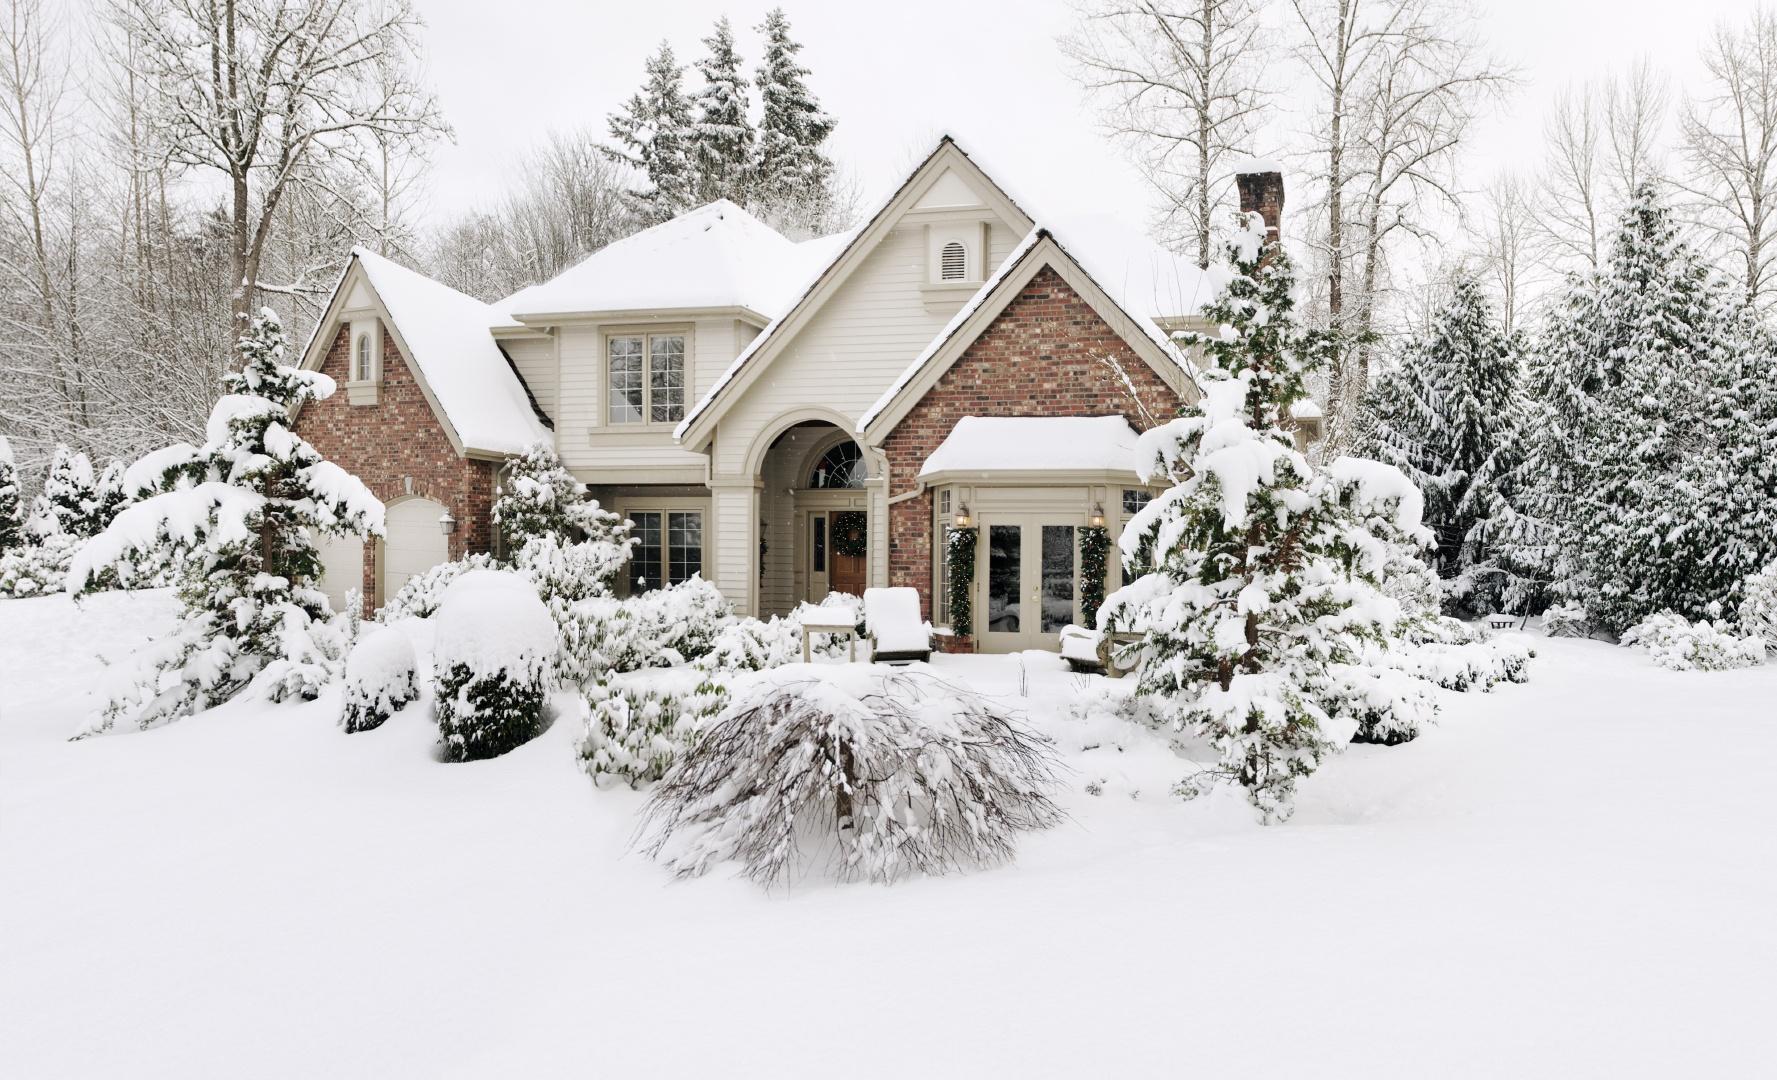 Cash home buyers in Granger